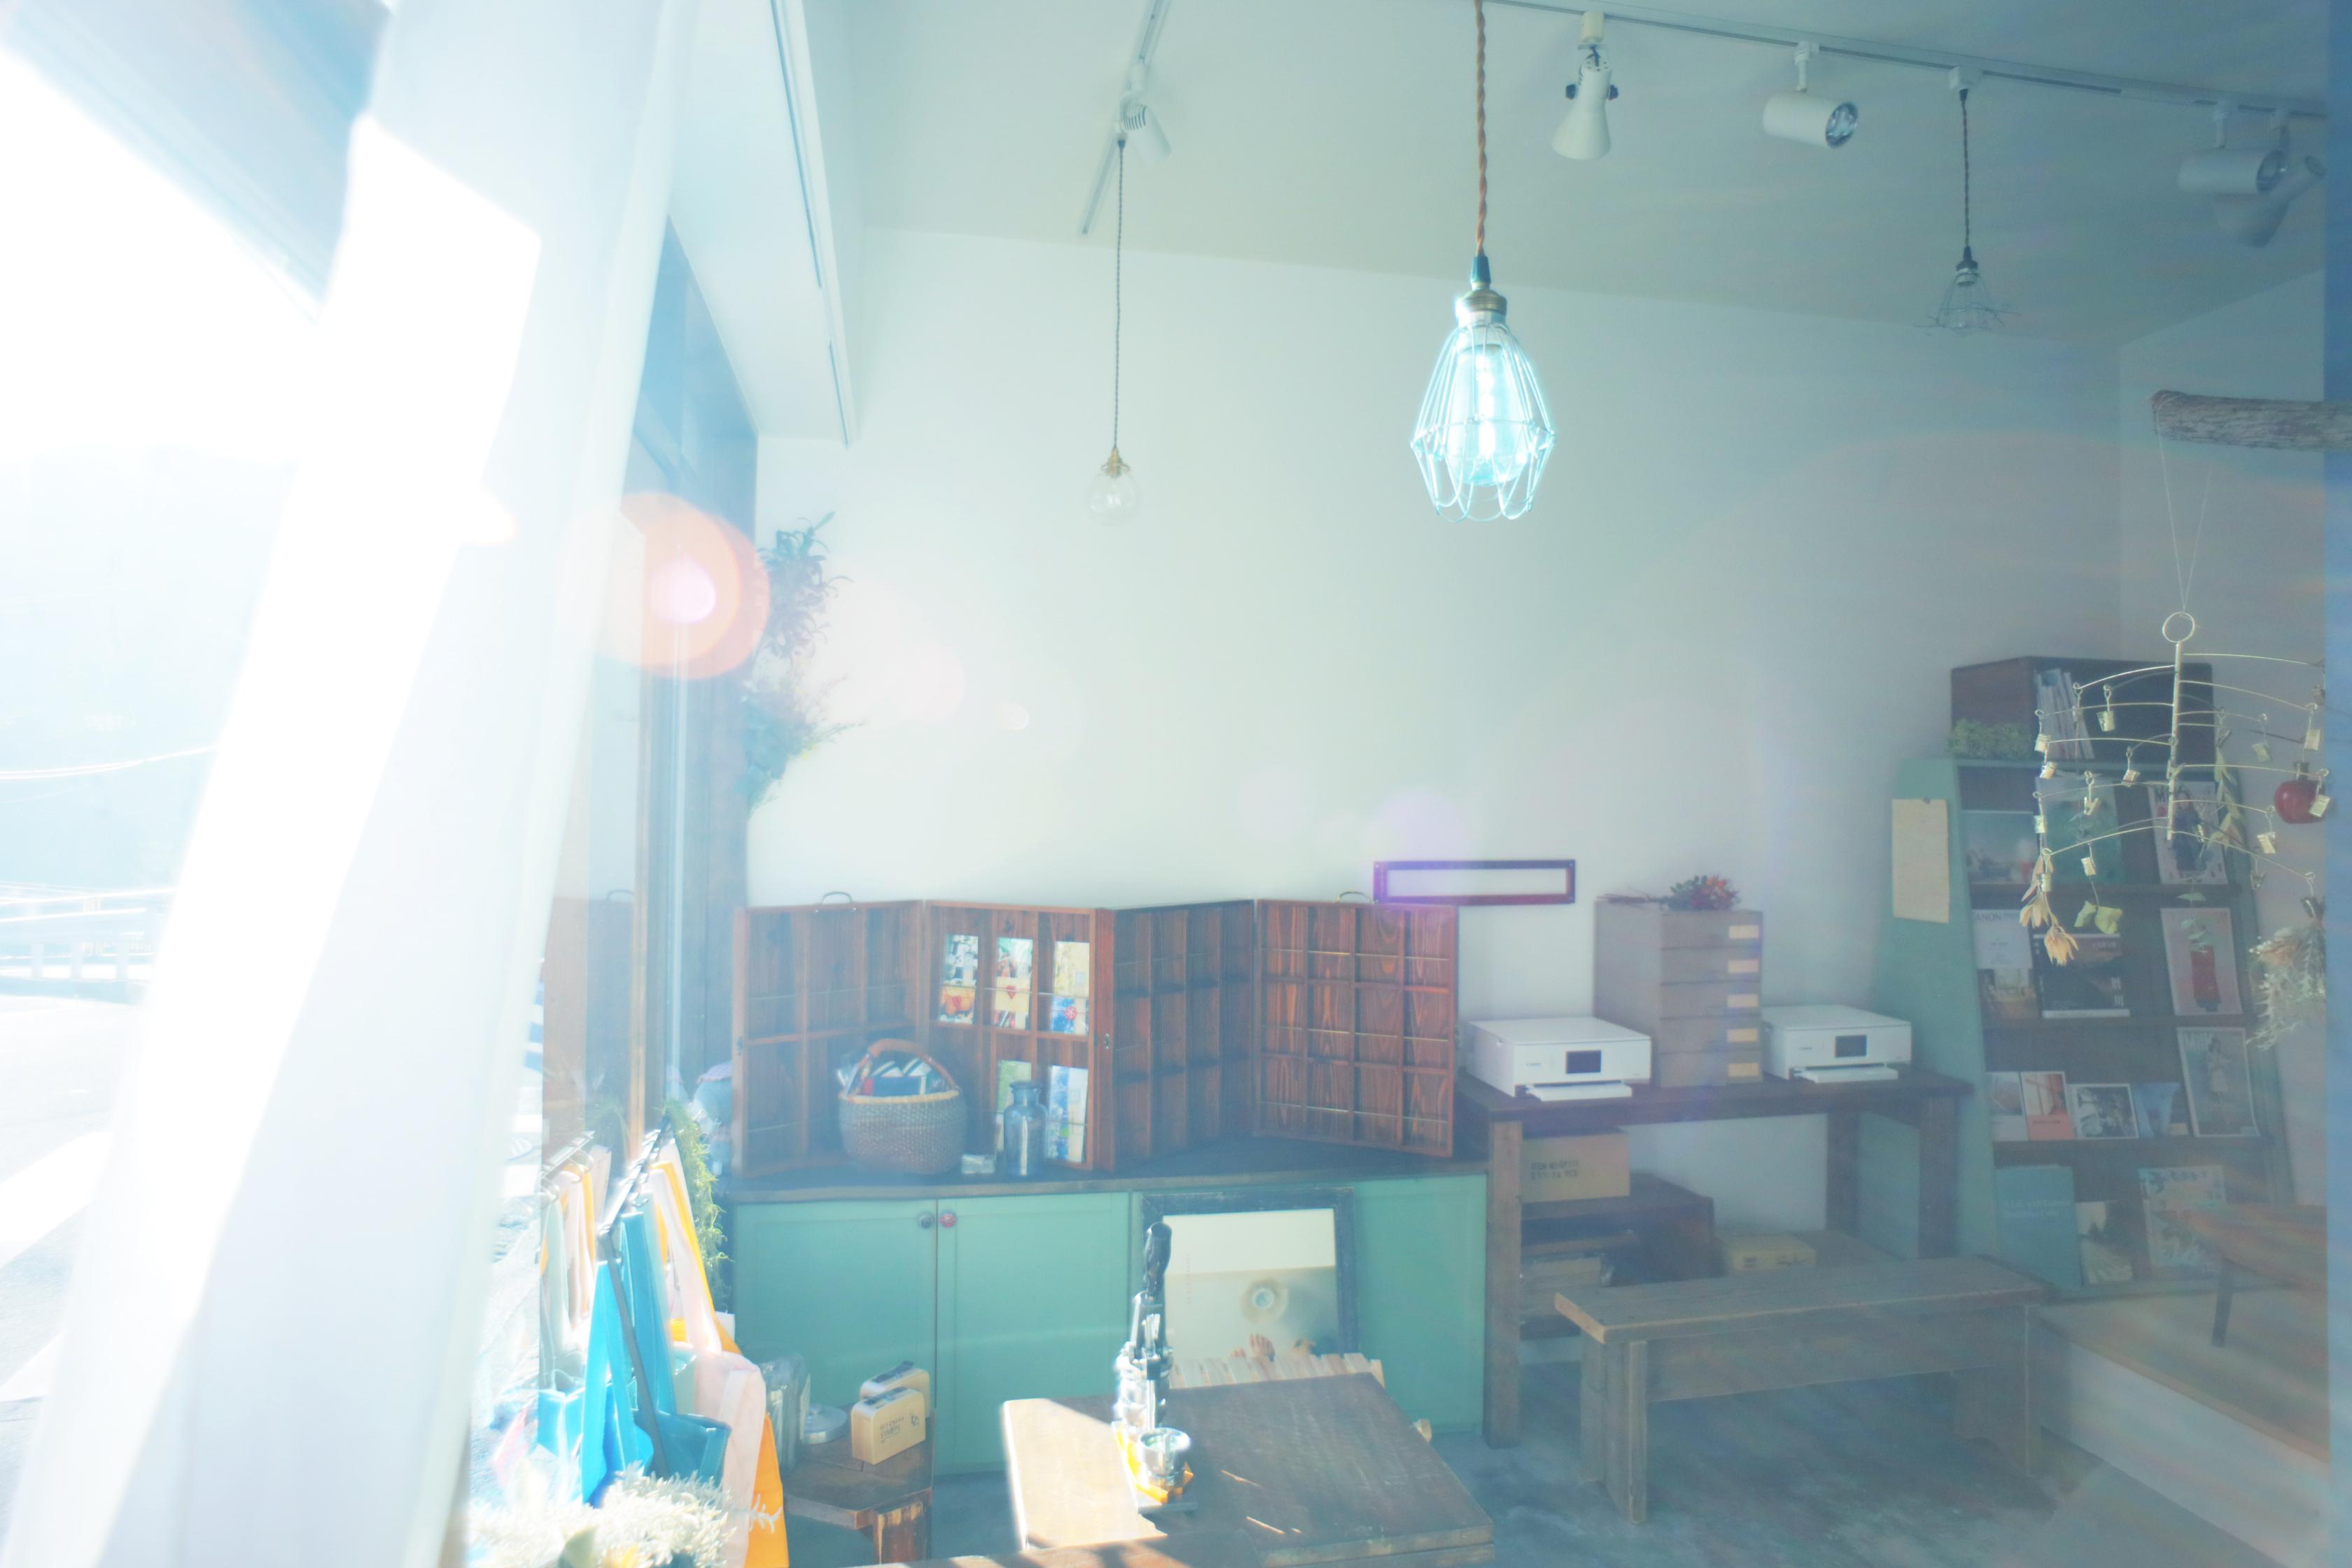 AtelierPiccolo 気の抜けた壁ギャラリー Exhibition #001